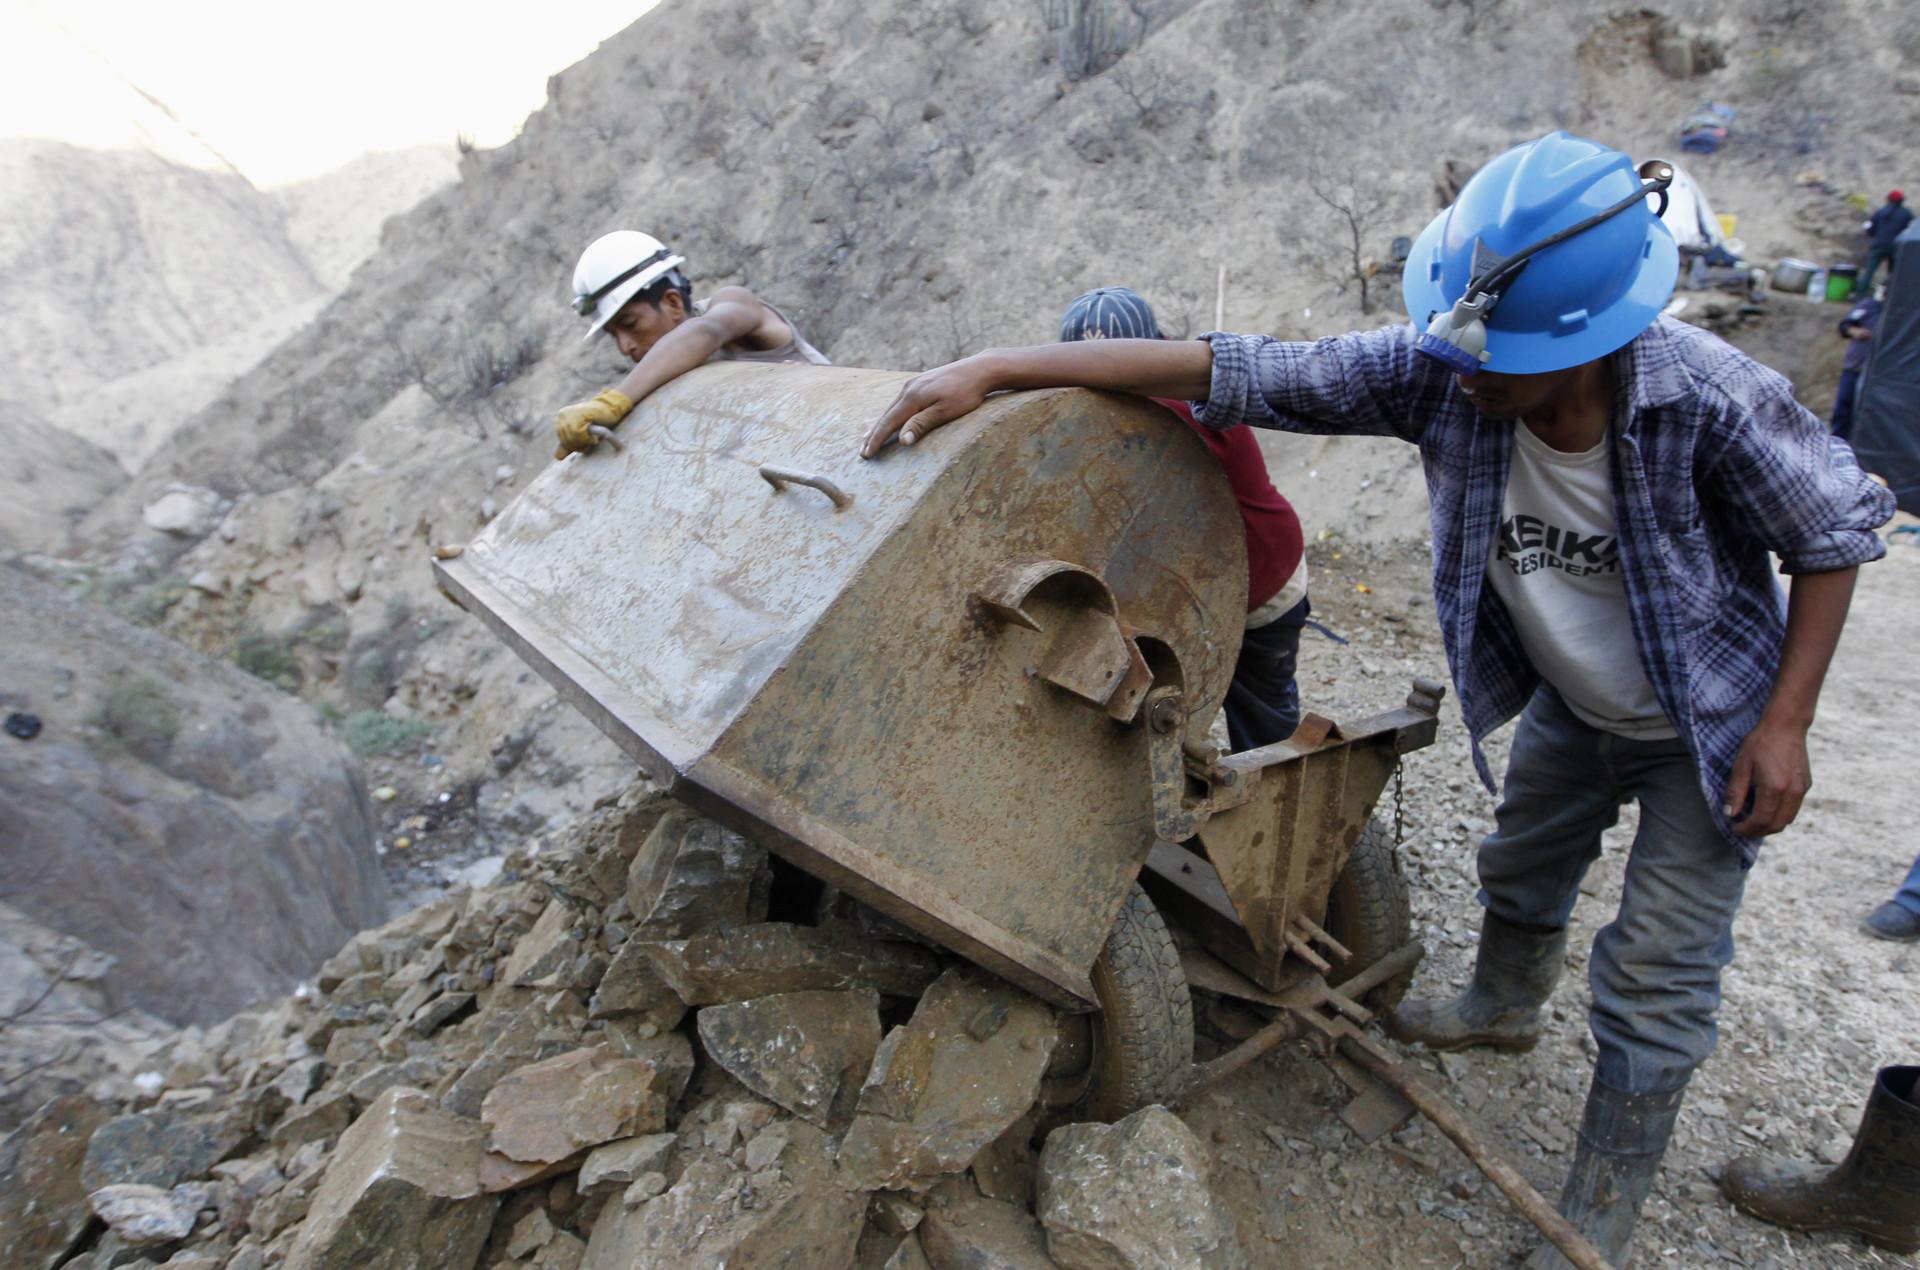 Mineros descargan minerales y rocas en la operación de rescate de nueve mineros atrapados en la mina de oro y cobre Cabeza de Negro  en Ica, Perú, el 10 de abril de 2012.